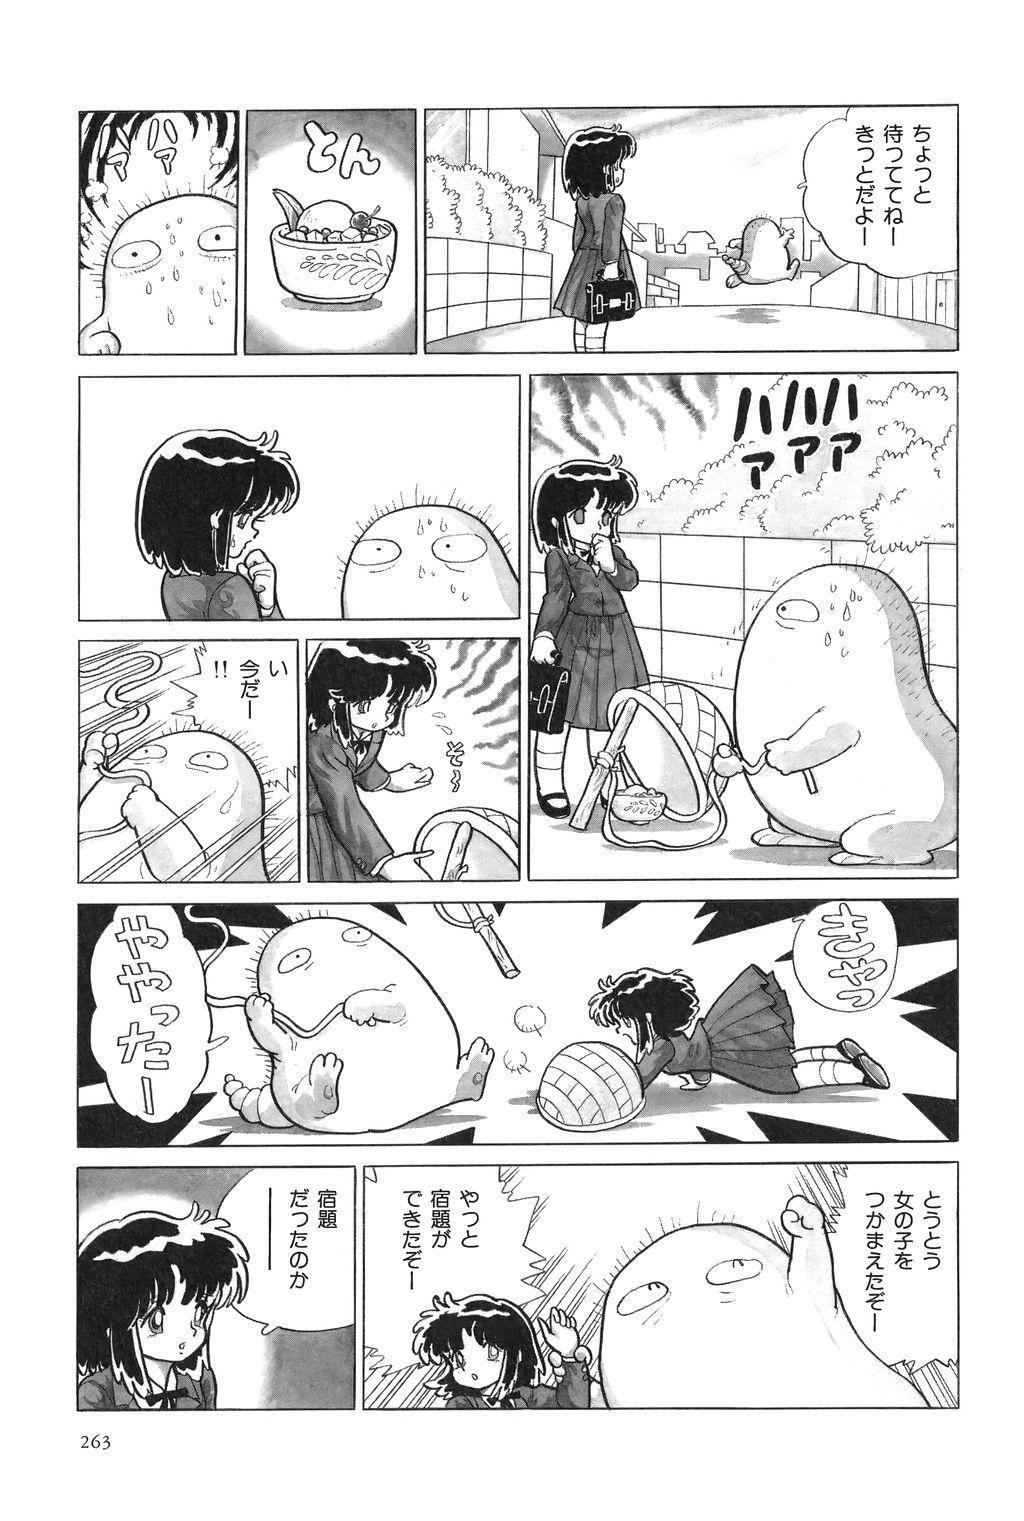 Azuma Hideo Sakuhin Shuusei - Yoru no Tobari no Naka de 264